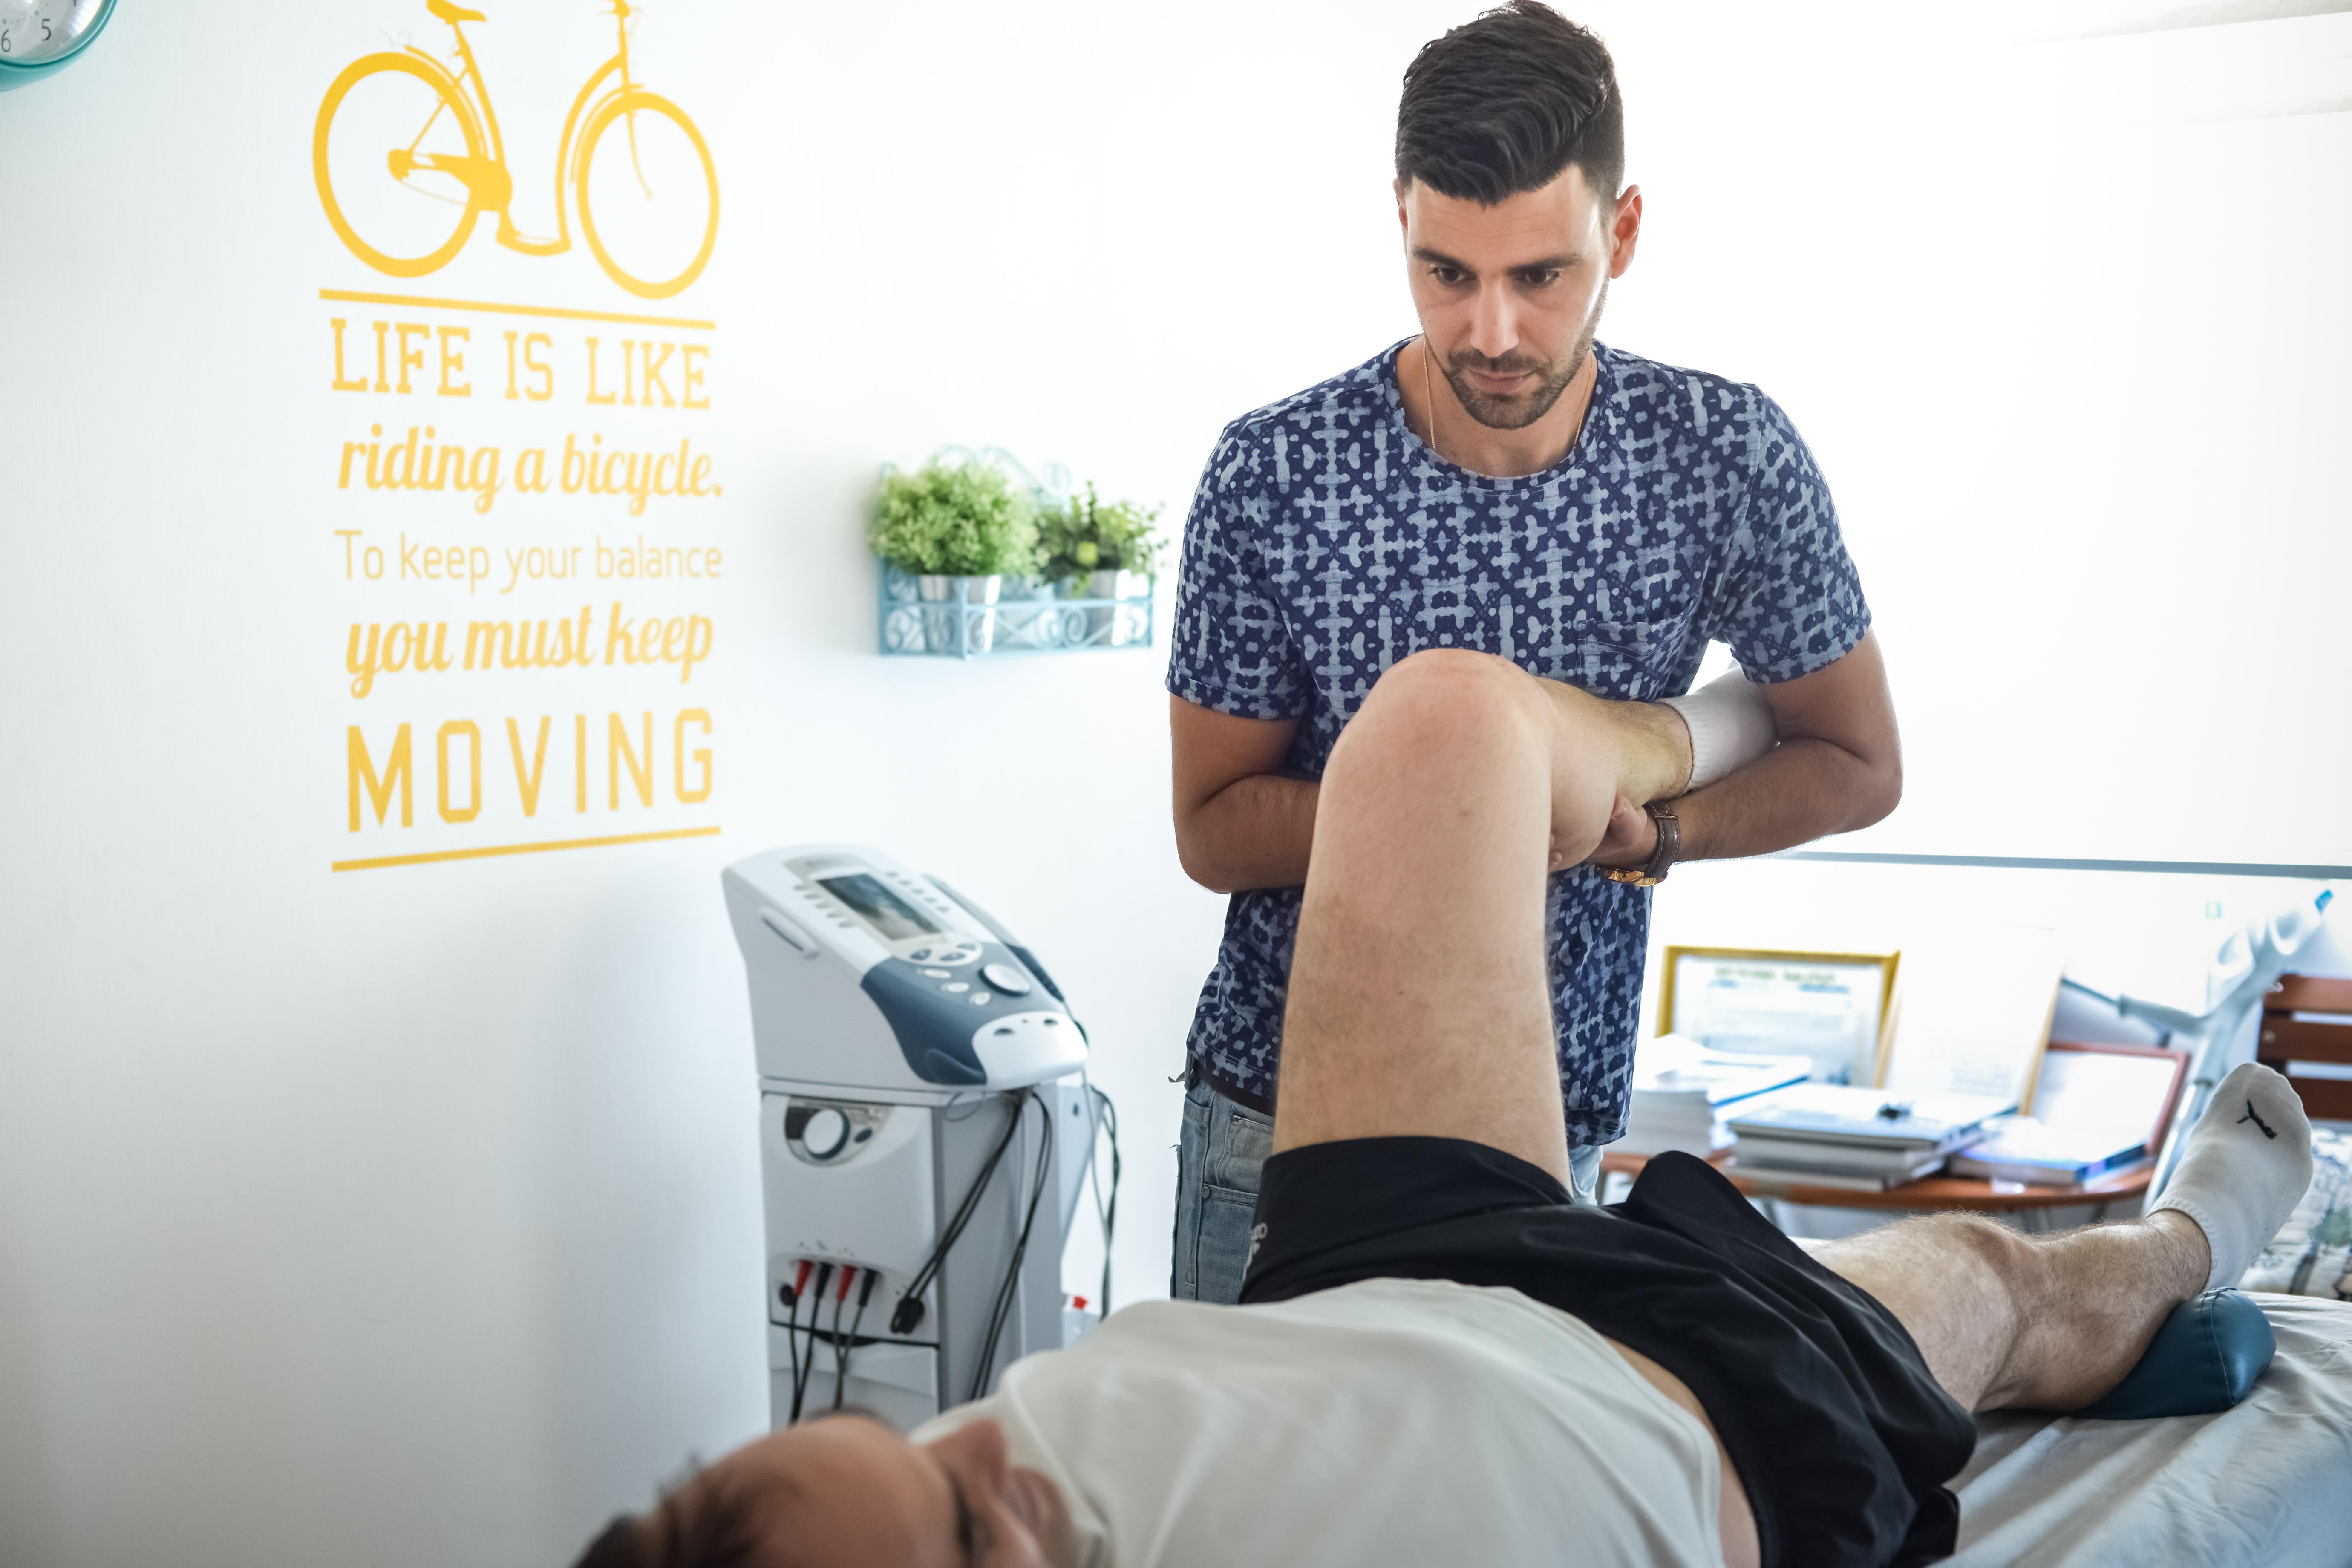 טיפול ברך לאחר קרע ברצועה